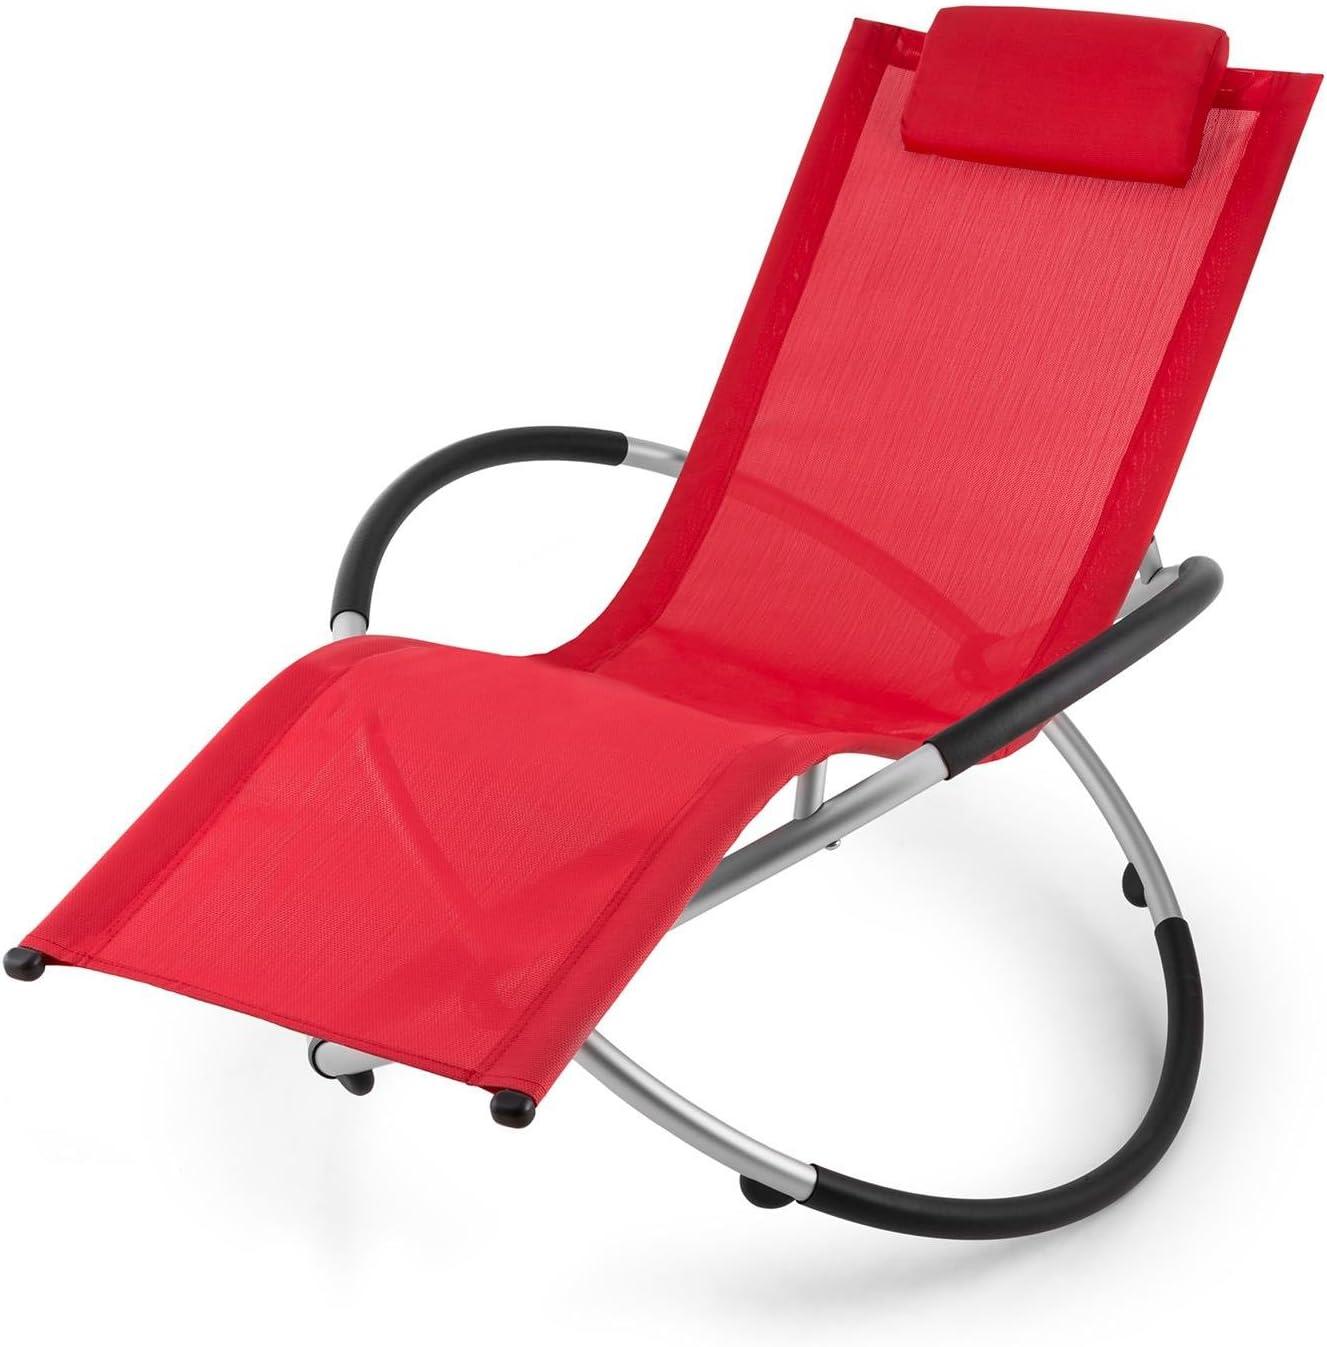 blumfeldt Chilly Billy ergonomische Relaxliege Liegestuhl Gartenstuhl Klappstuhl Liege, 120 kg maximale Belastung, atmungsaktiv, witterungsbest/ändig, pflegeleicht, faltbar gr/ün